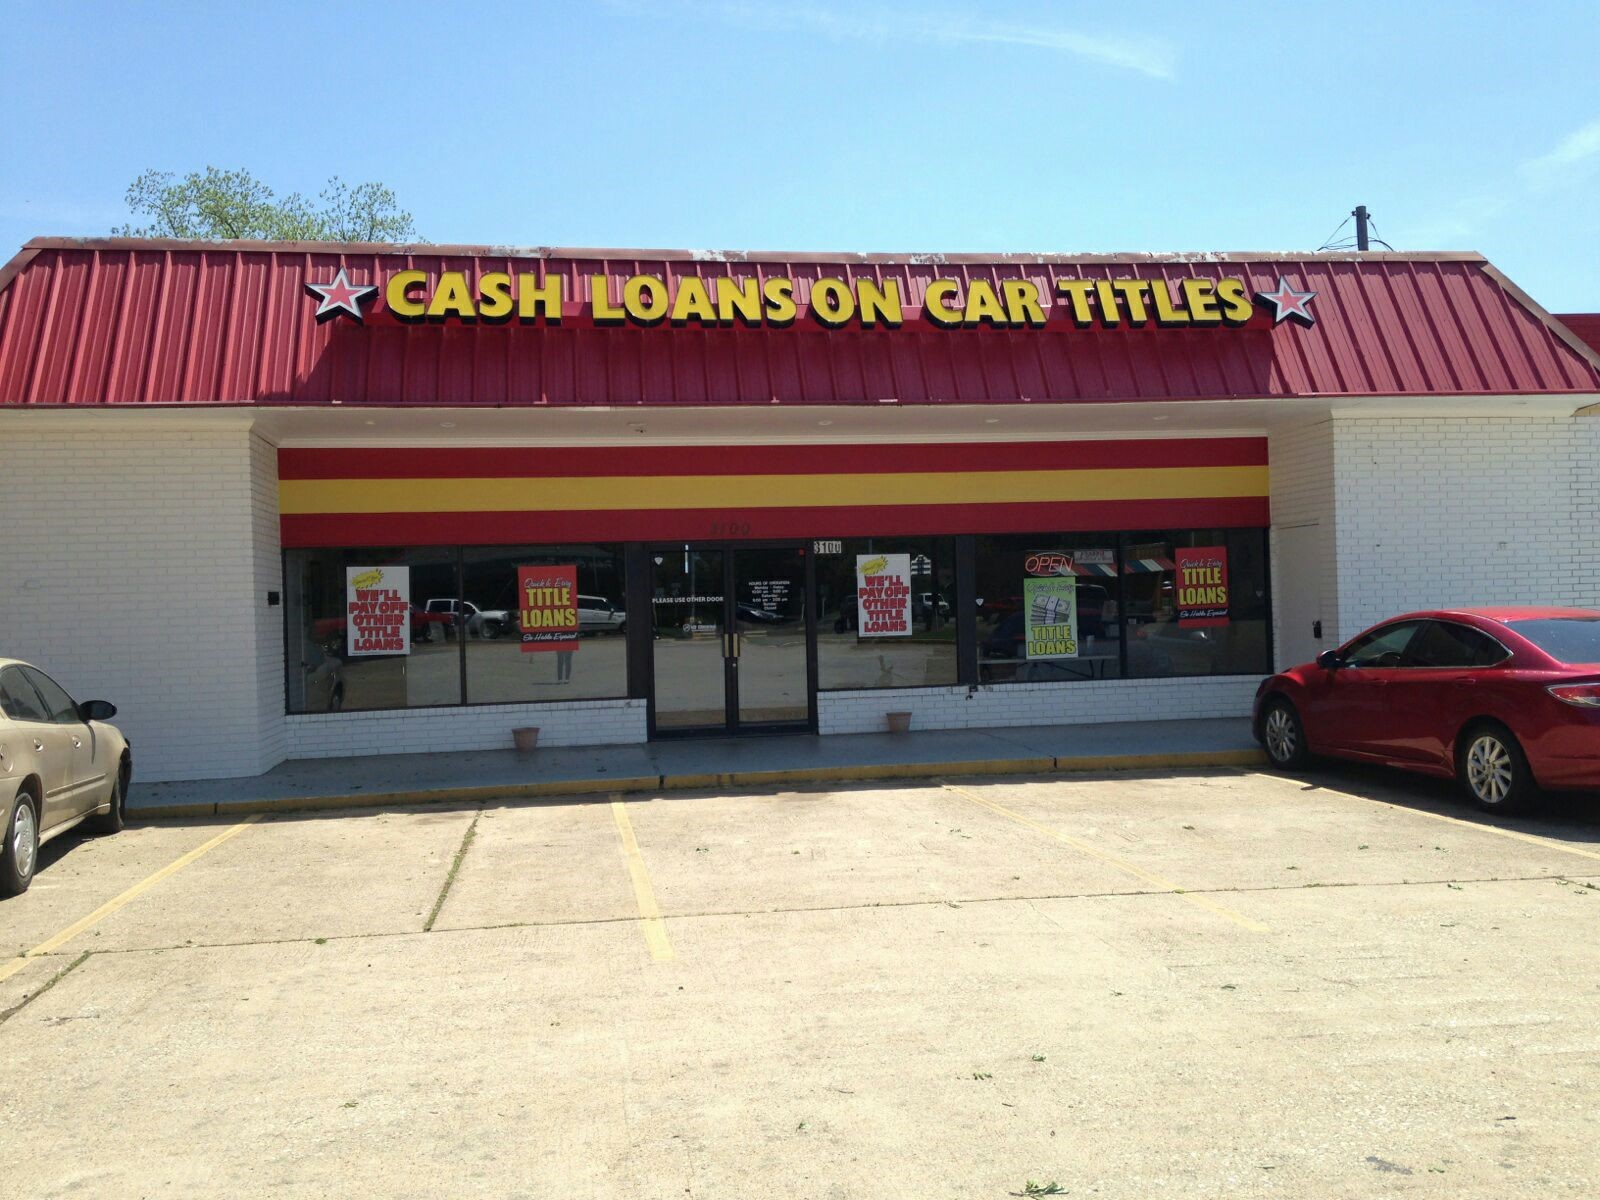 R4000 cash loans photo 8